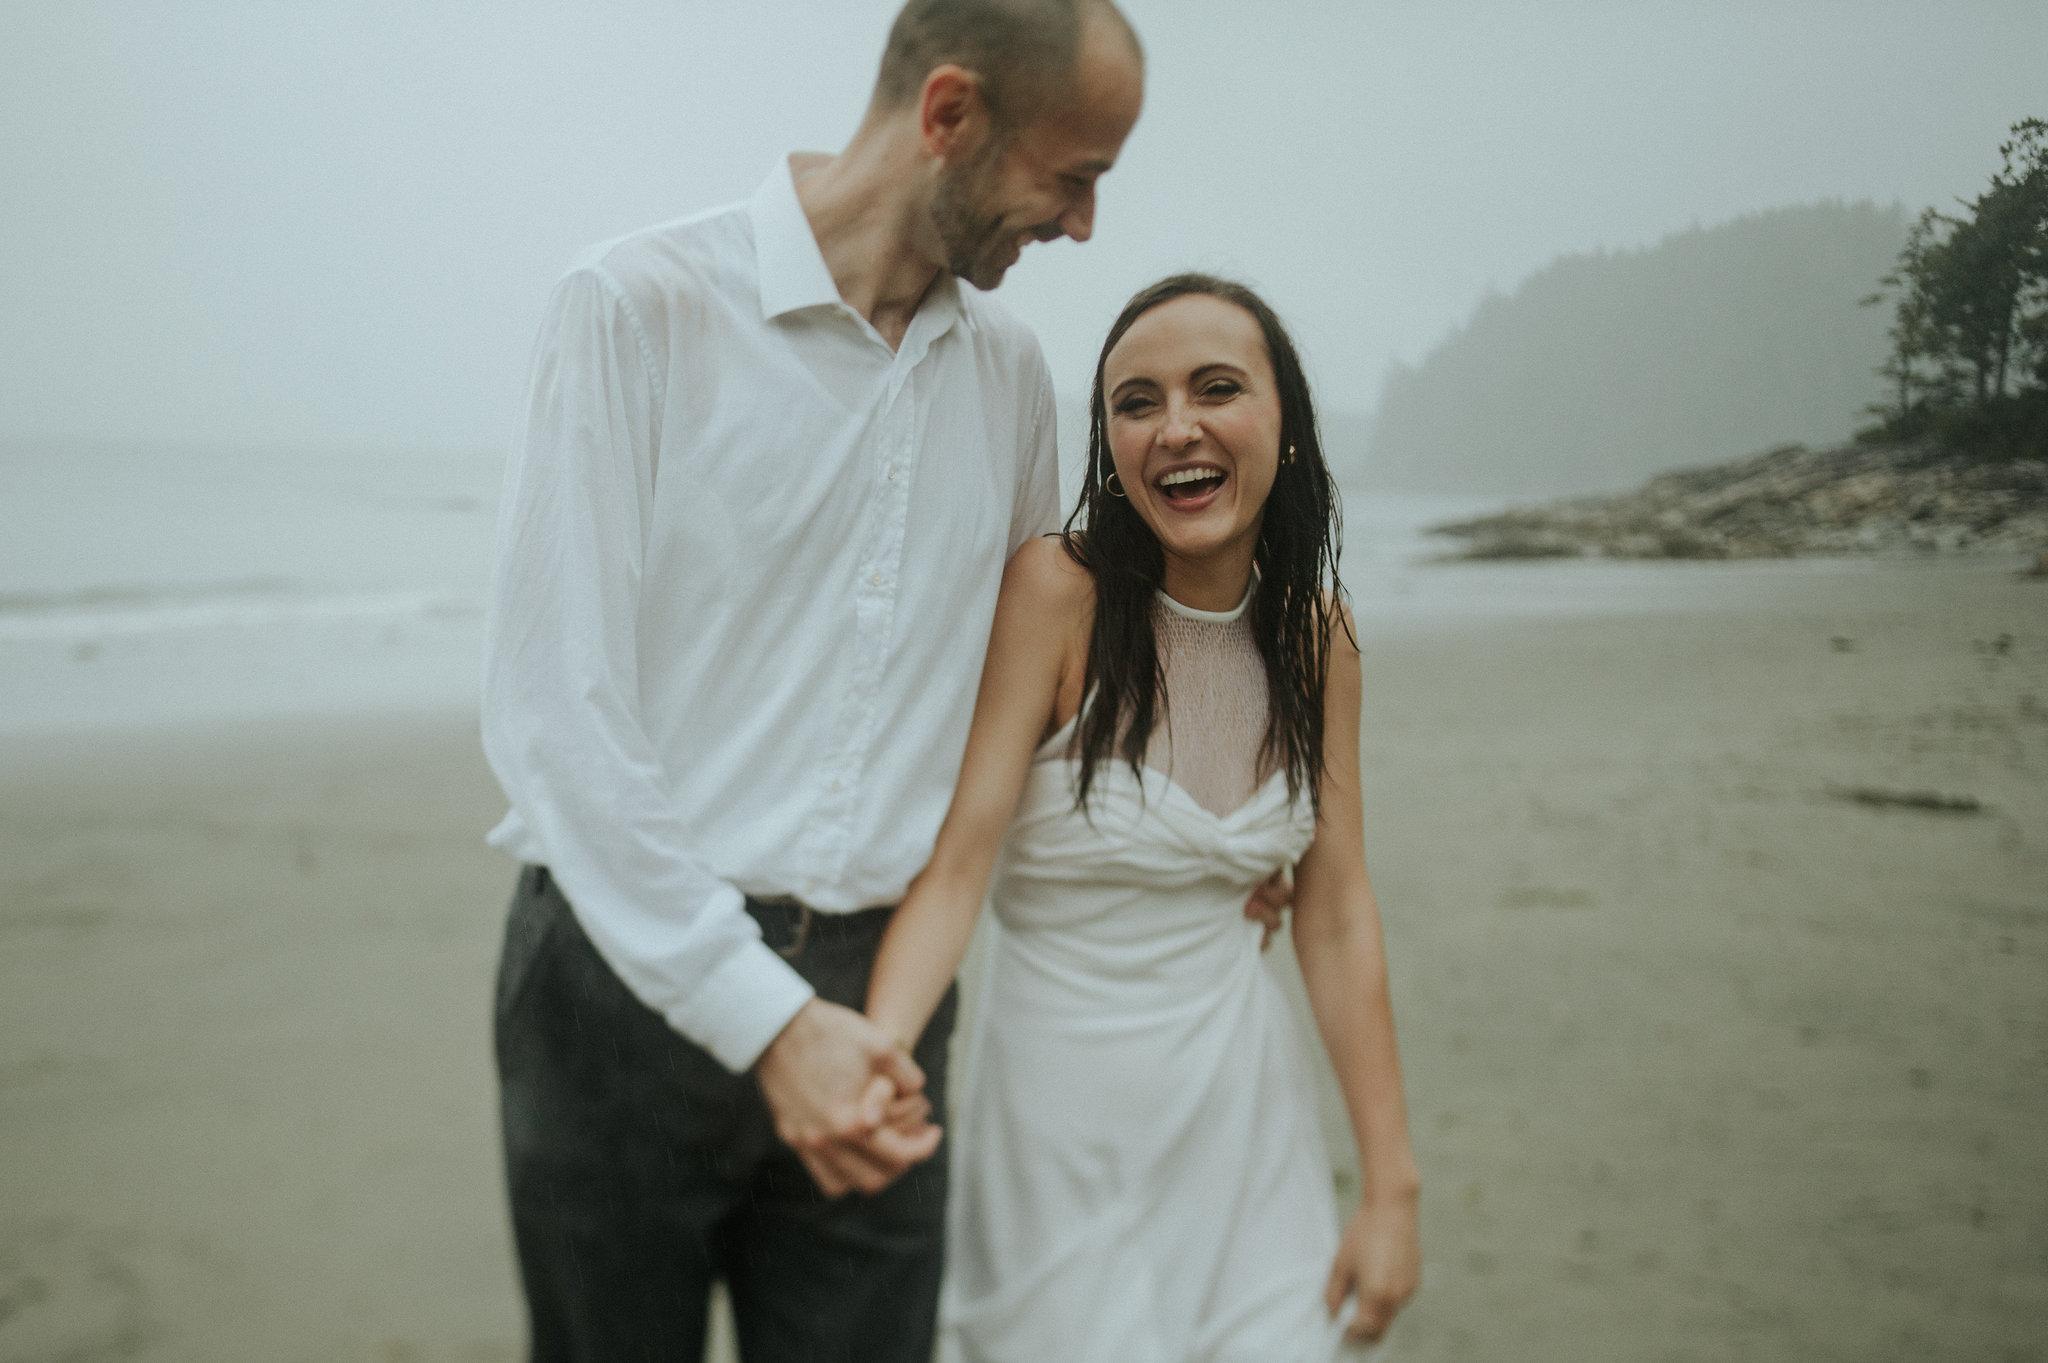 Tofino engagement at Tonquin Beach by Daring Wanderer // www.daringwanderer.com